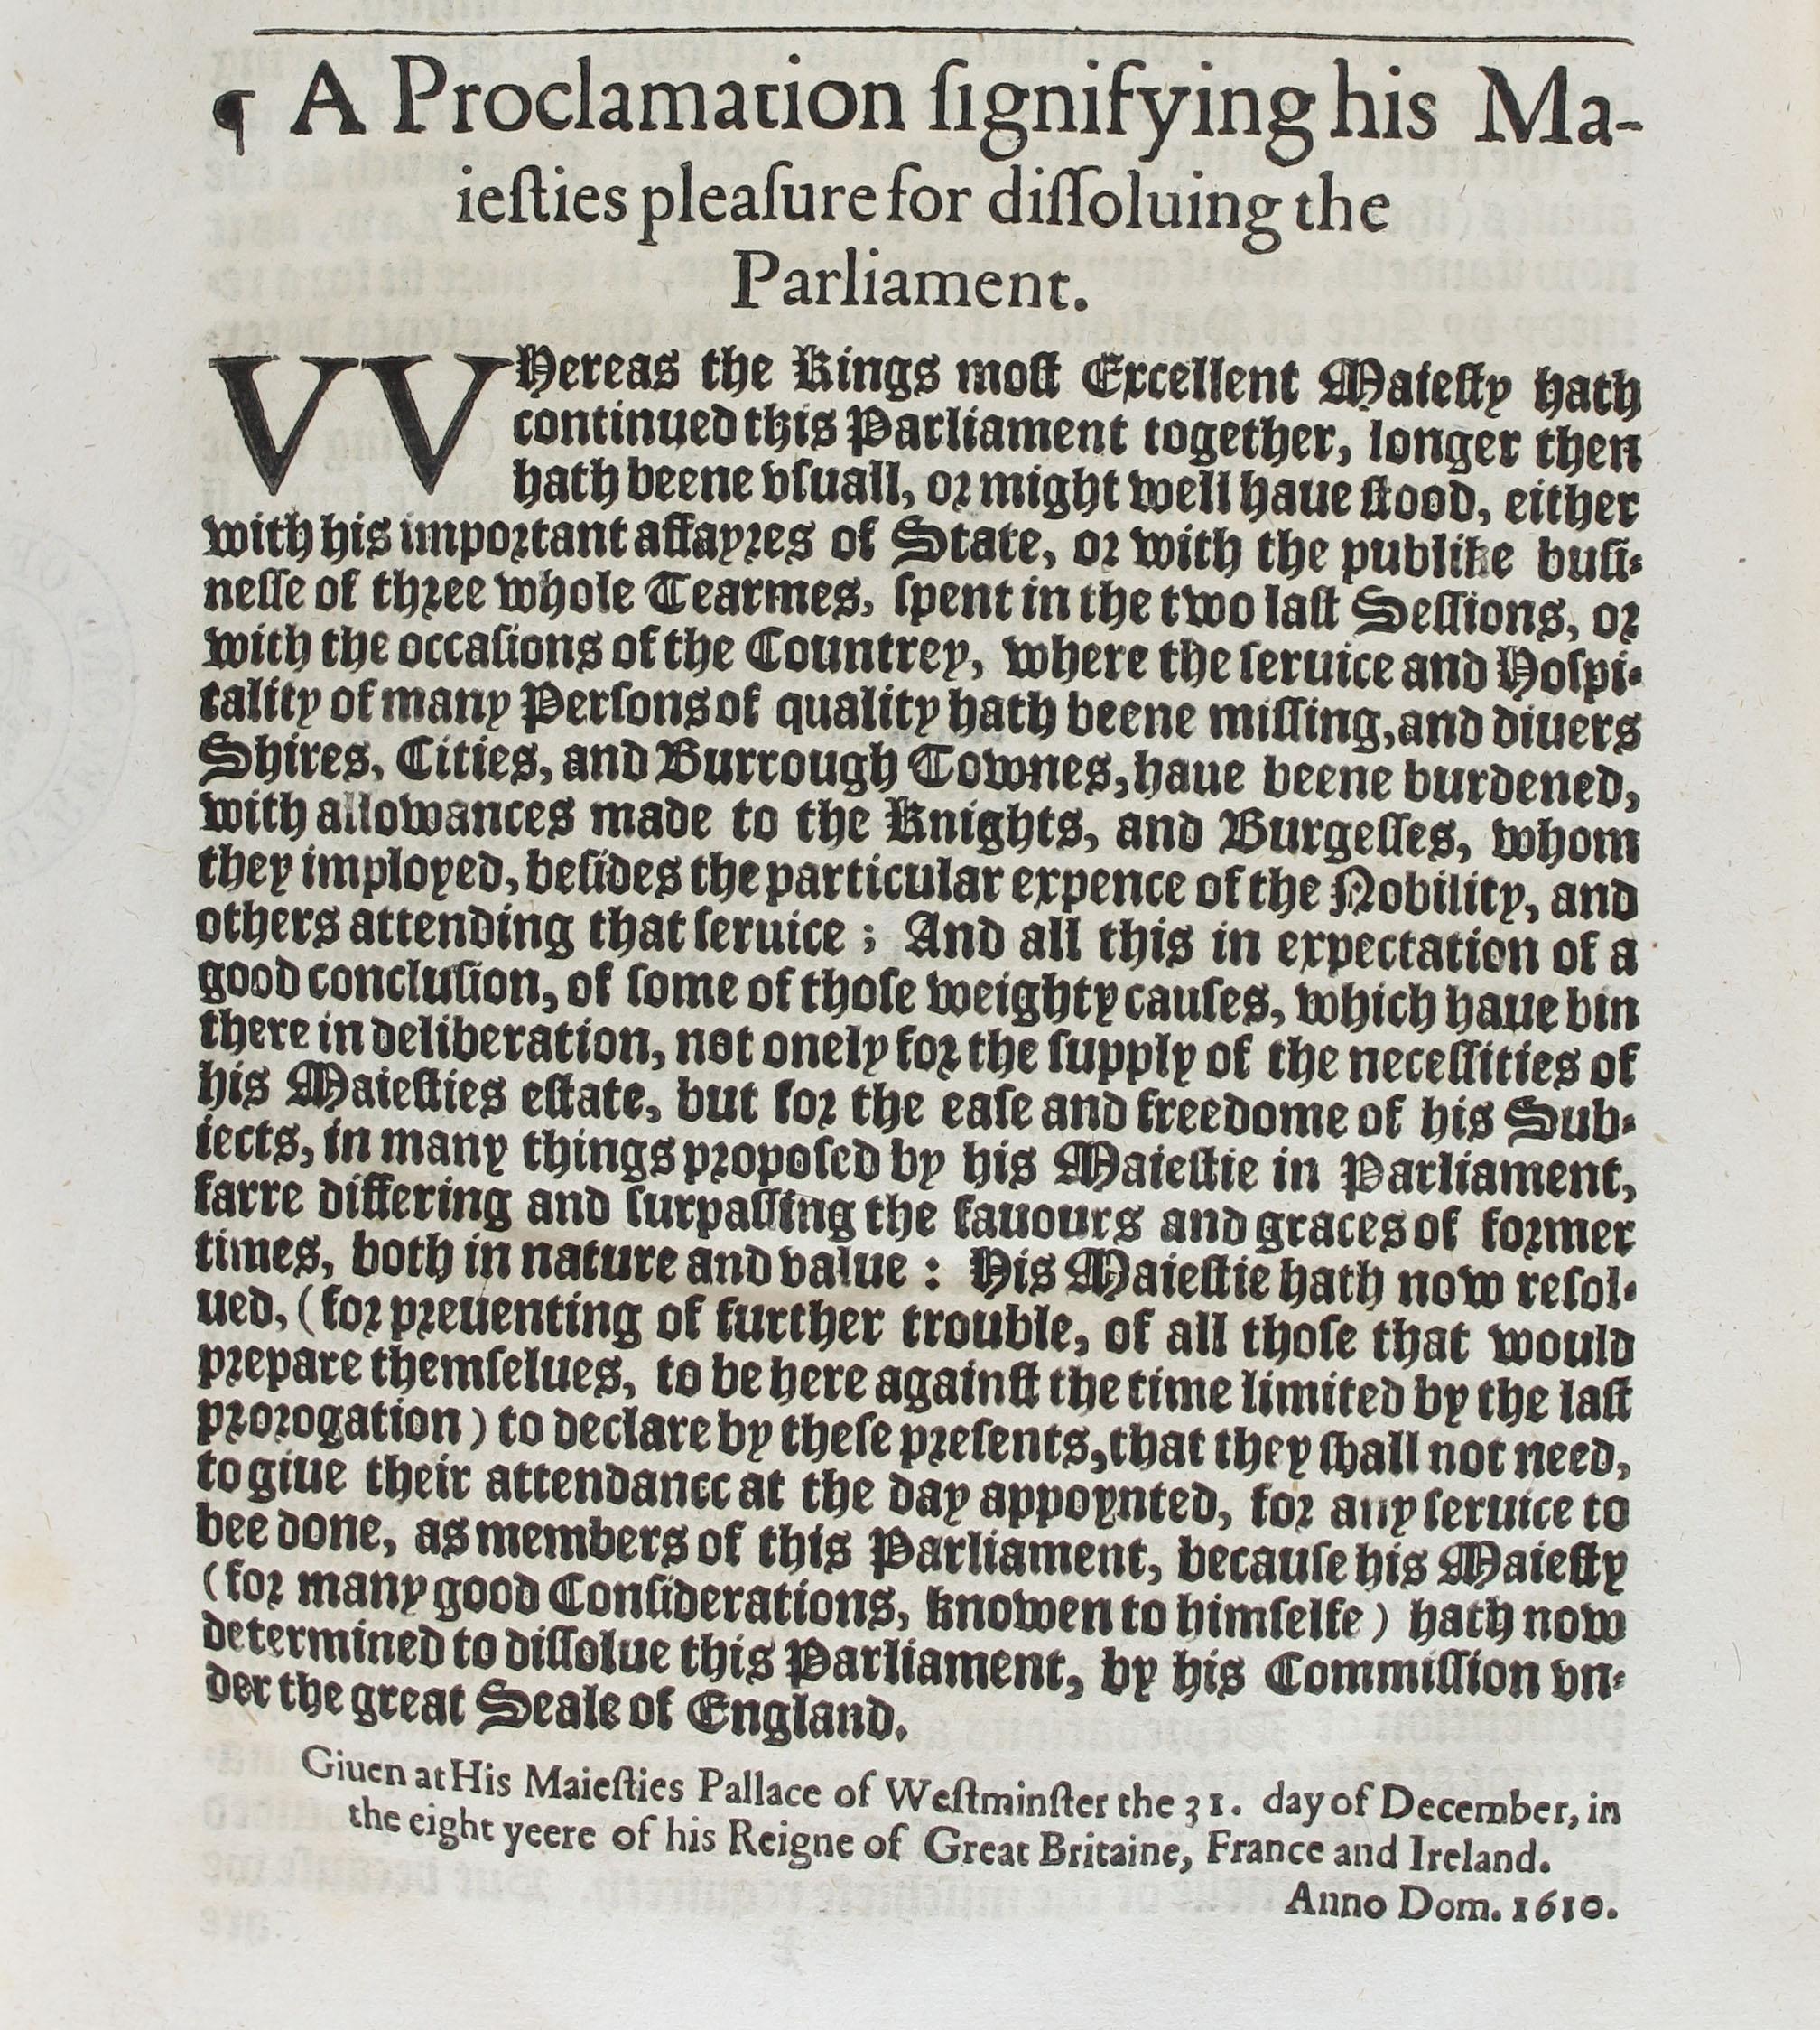 Proclamation 128 (dissolving Parliament 1610) SP 14/73/238